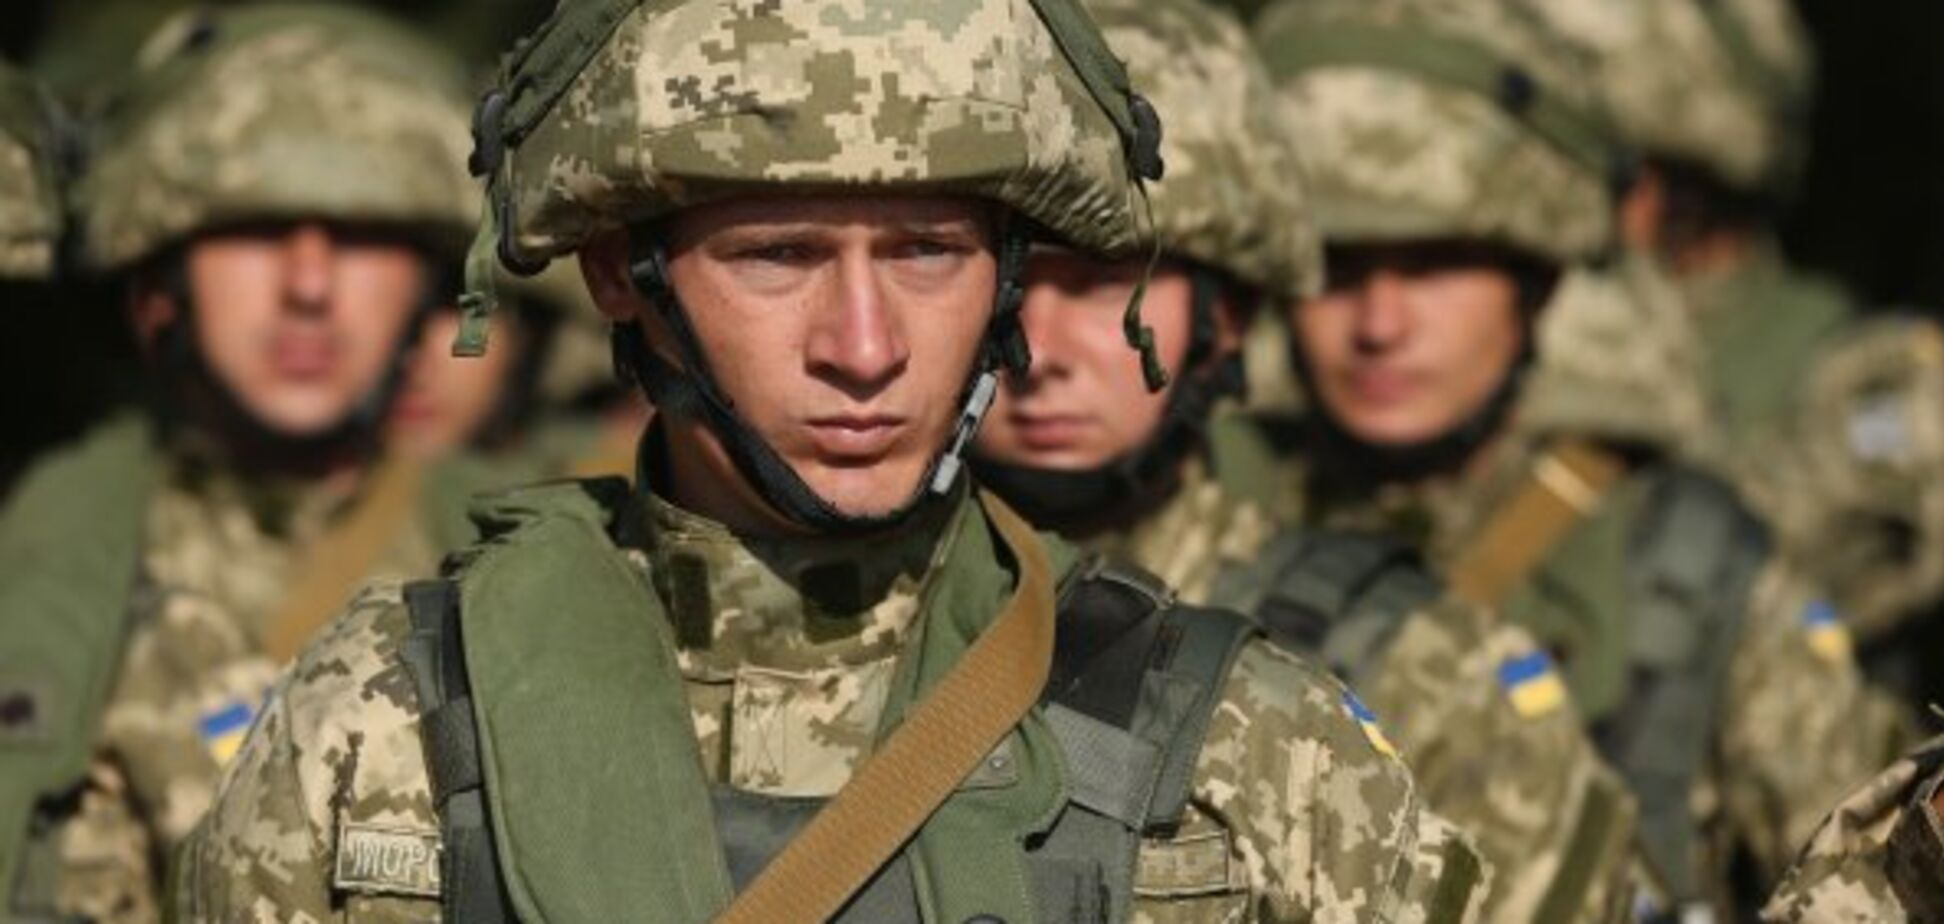 З'явився прогноз по загостренню конфлікту на Донбасі на Новий рік